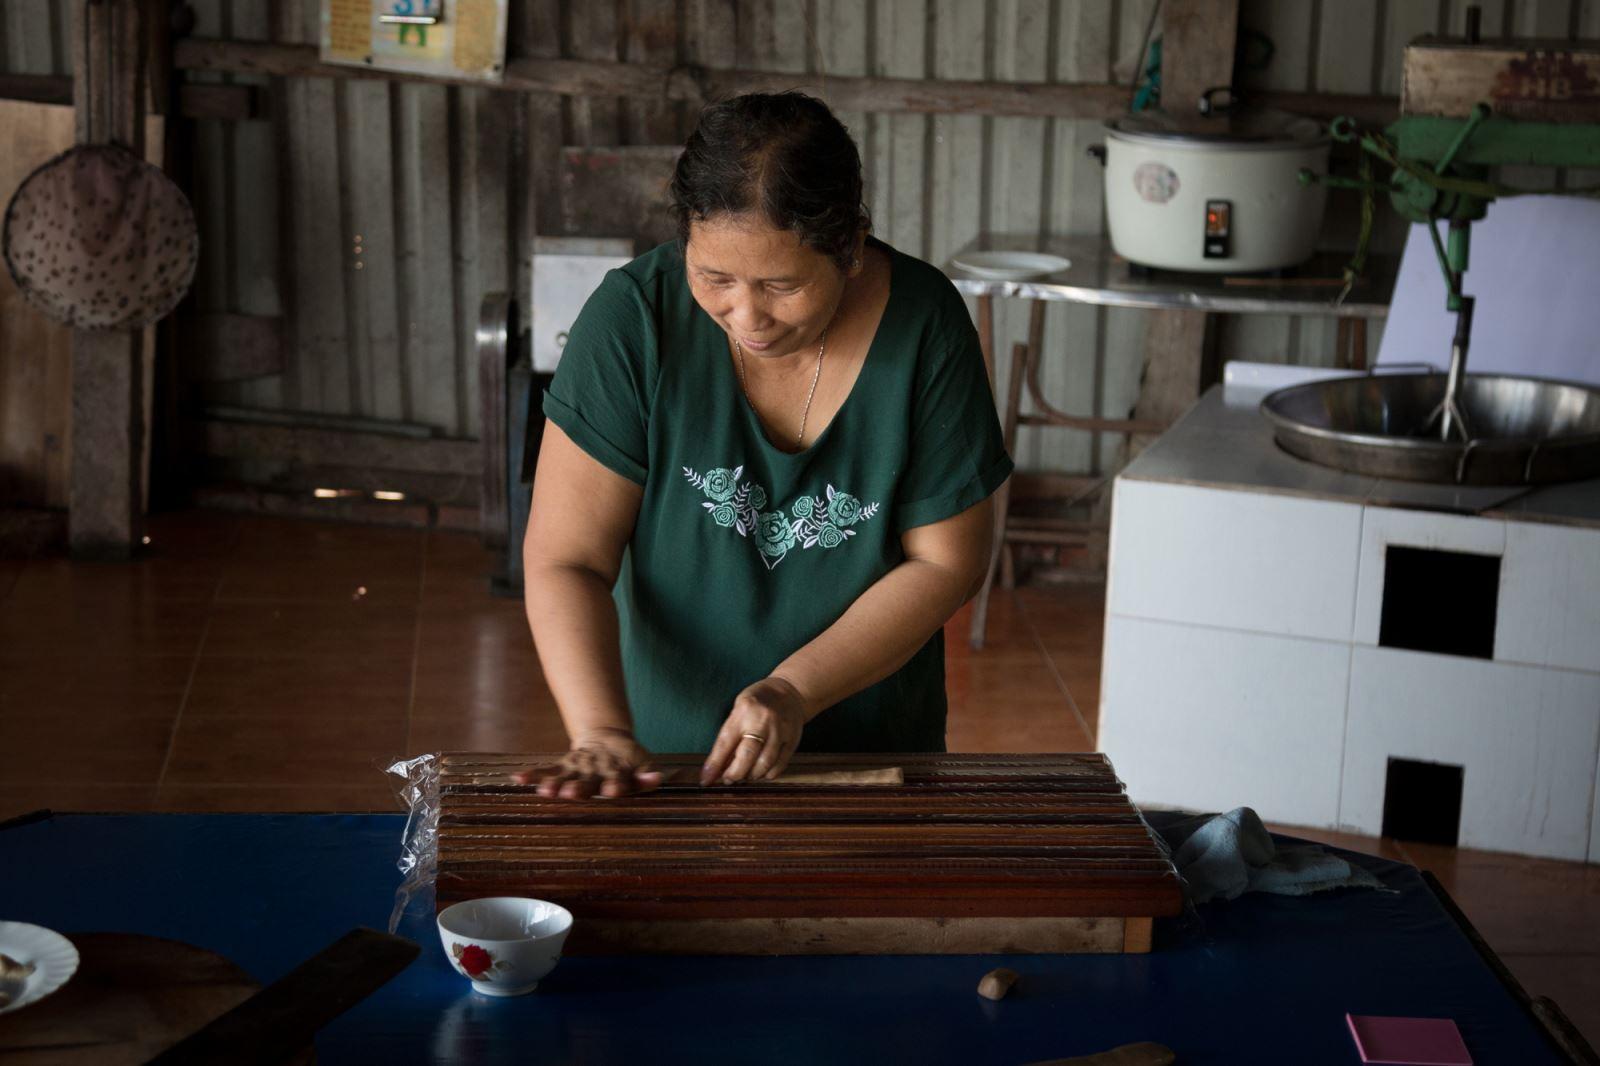 Ép khuôn kẹo dừa trong một cơ sở gia đình sản xuất kẹo dừa.